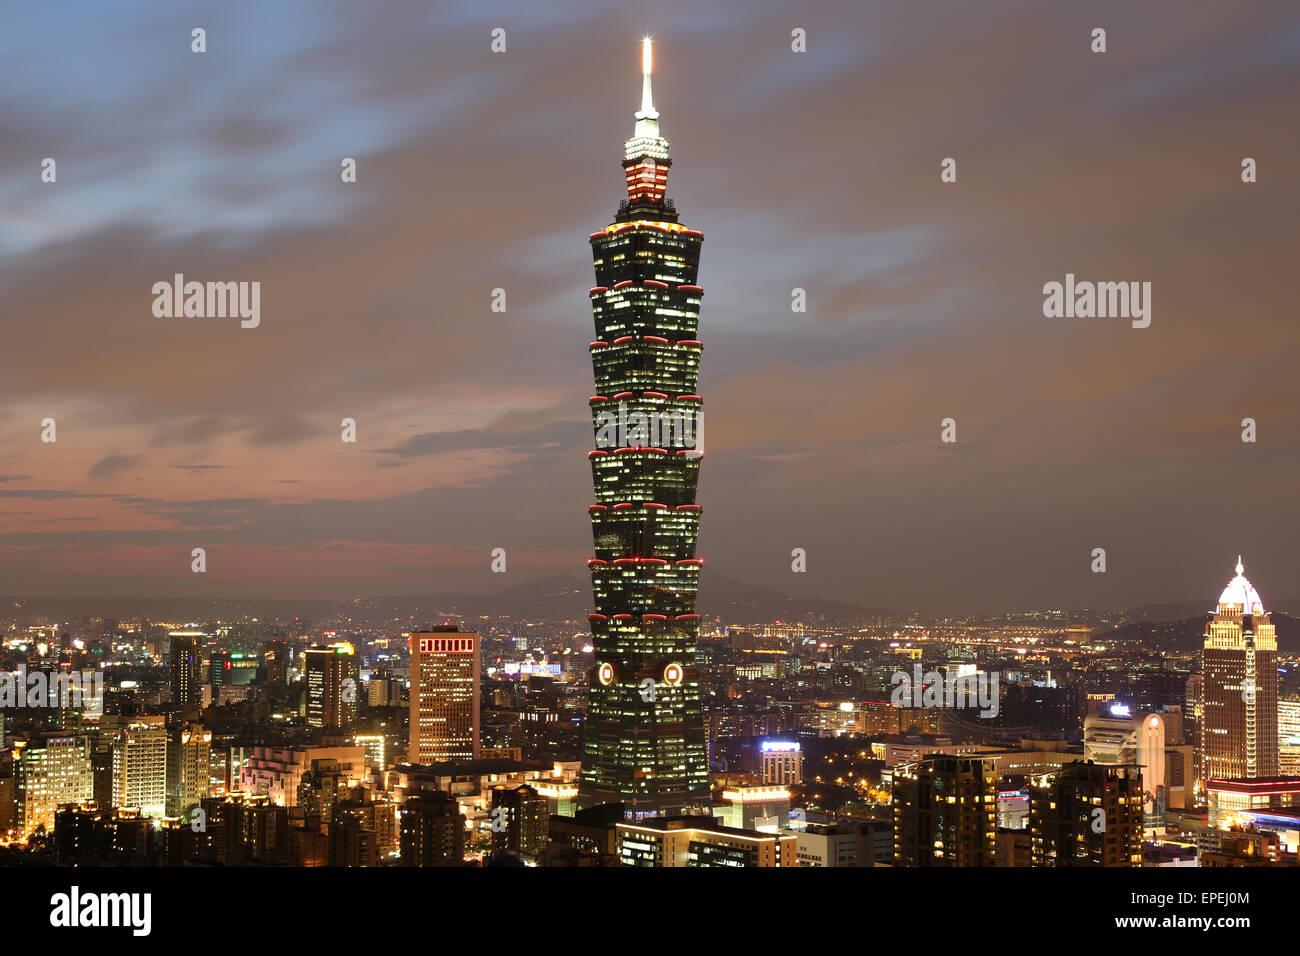 Taipeh Taiwan Panorama mit Taipei 101 - Stock Image